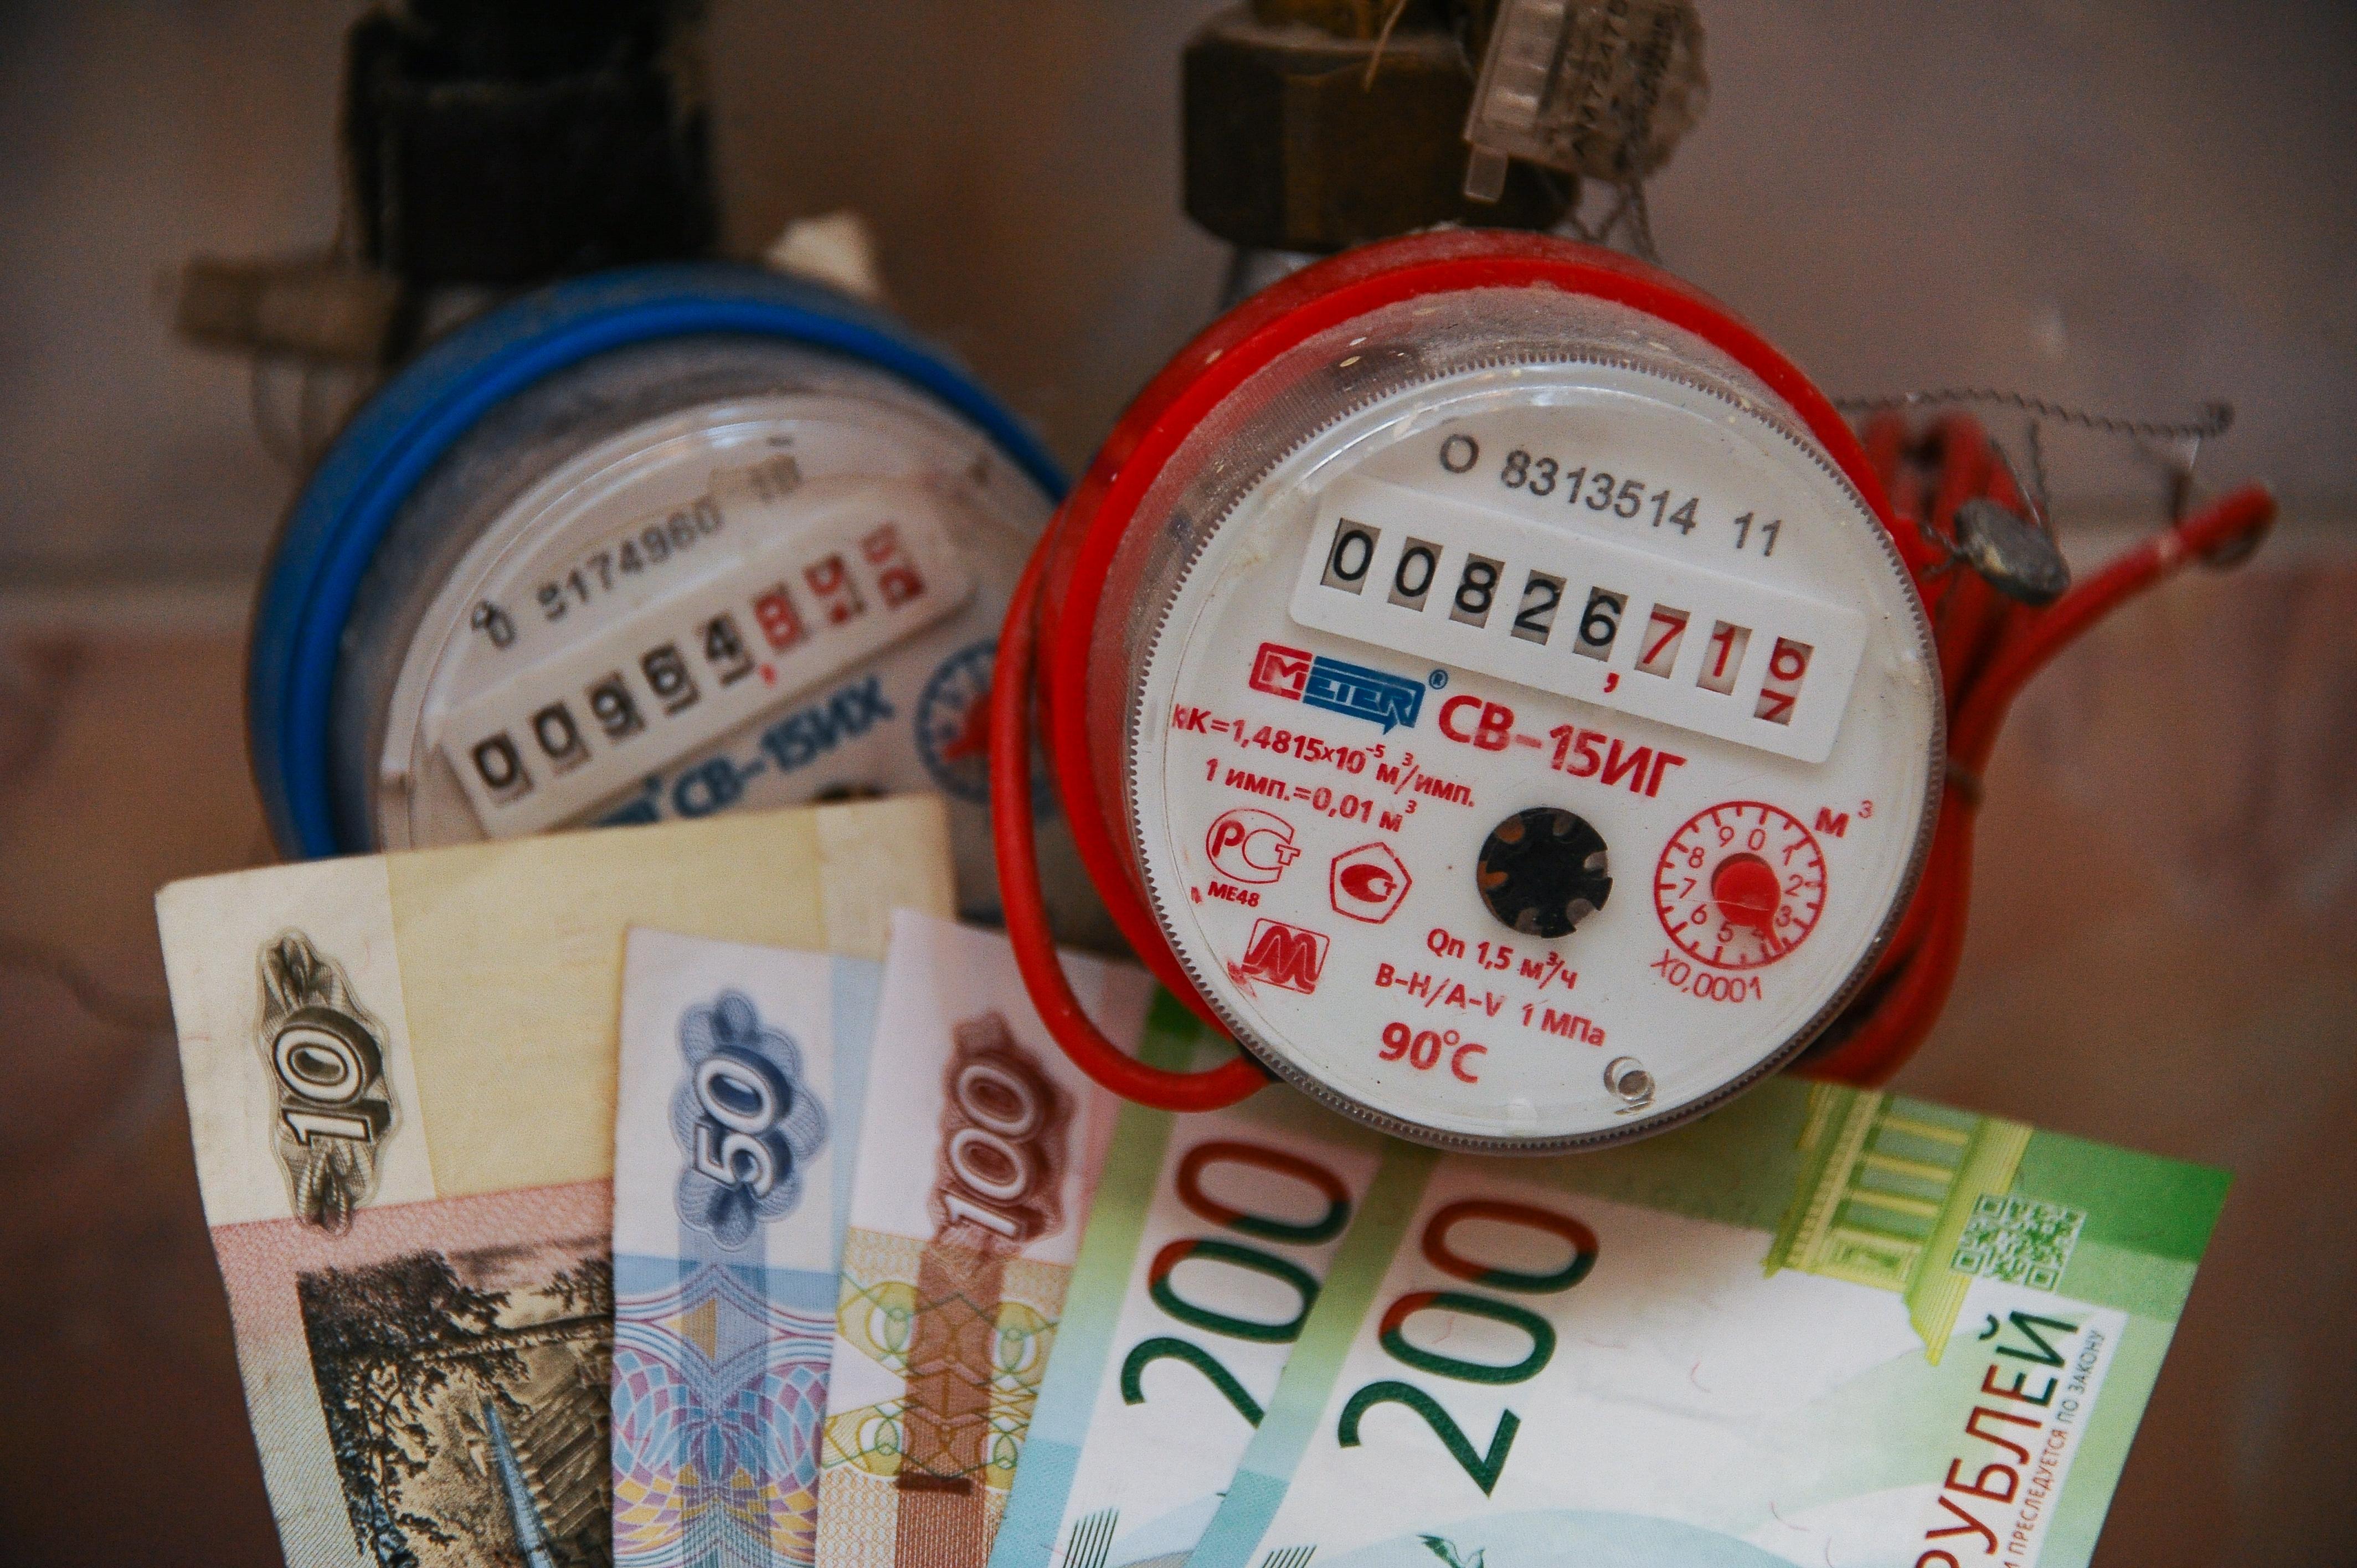 Для населения Твери с 1 июля проиндексированы тарифы на отдельные коммунальные услуги  - новости Афанасий